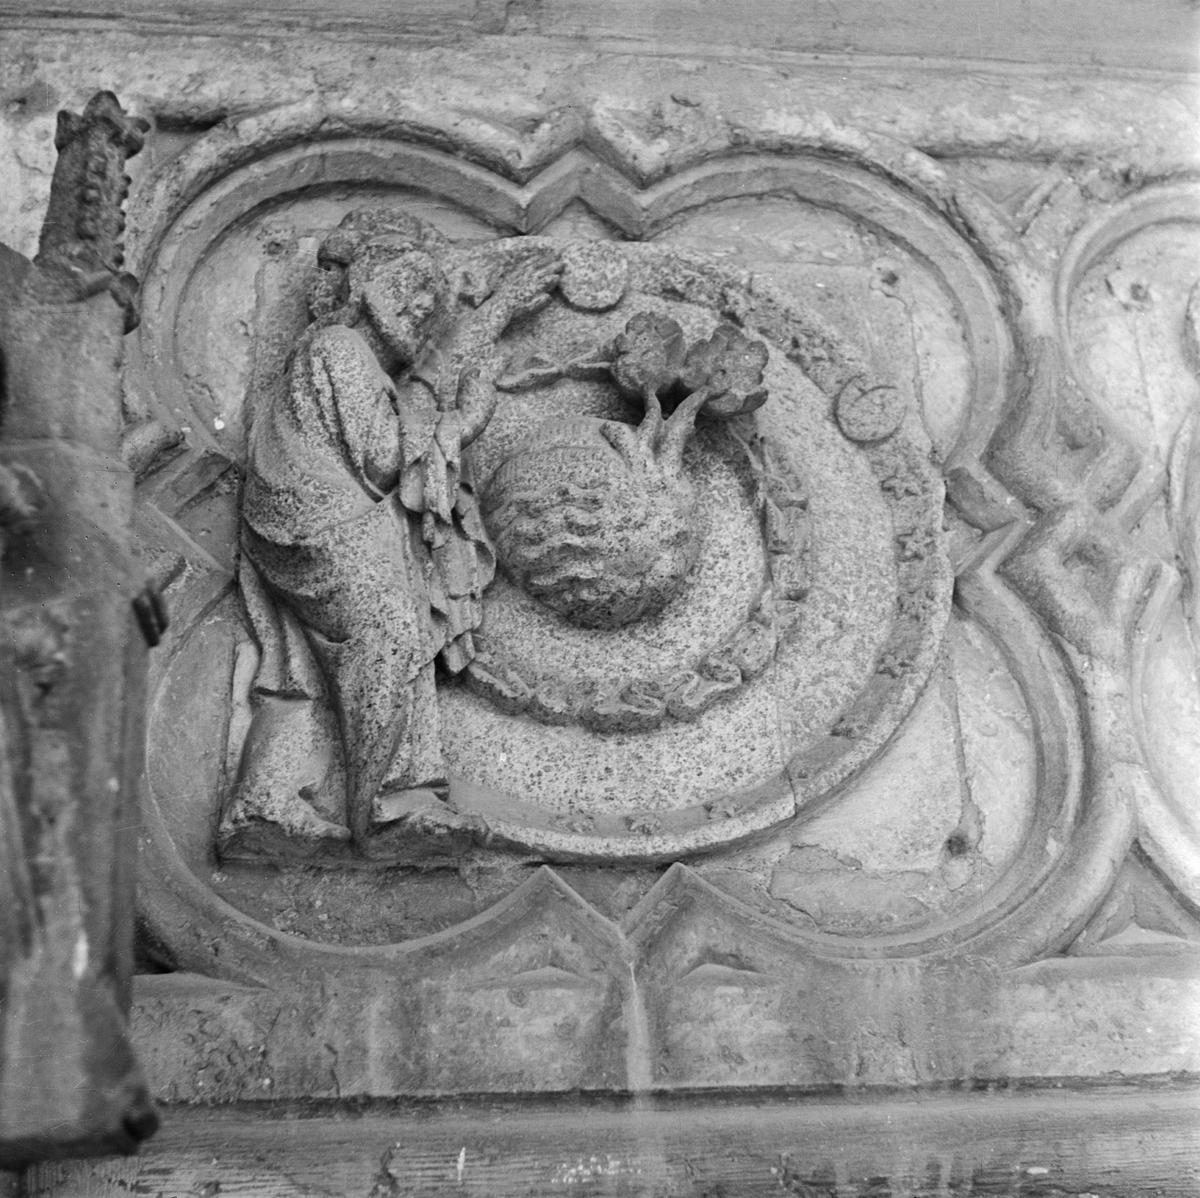 Detalj av relief i Uppsala domkyrka, Fjärdingen, Uppsala